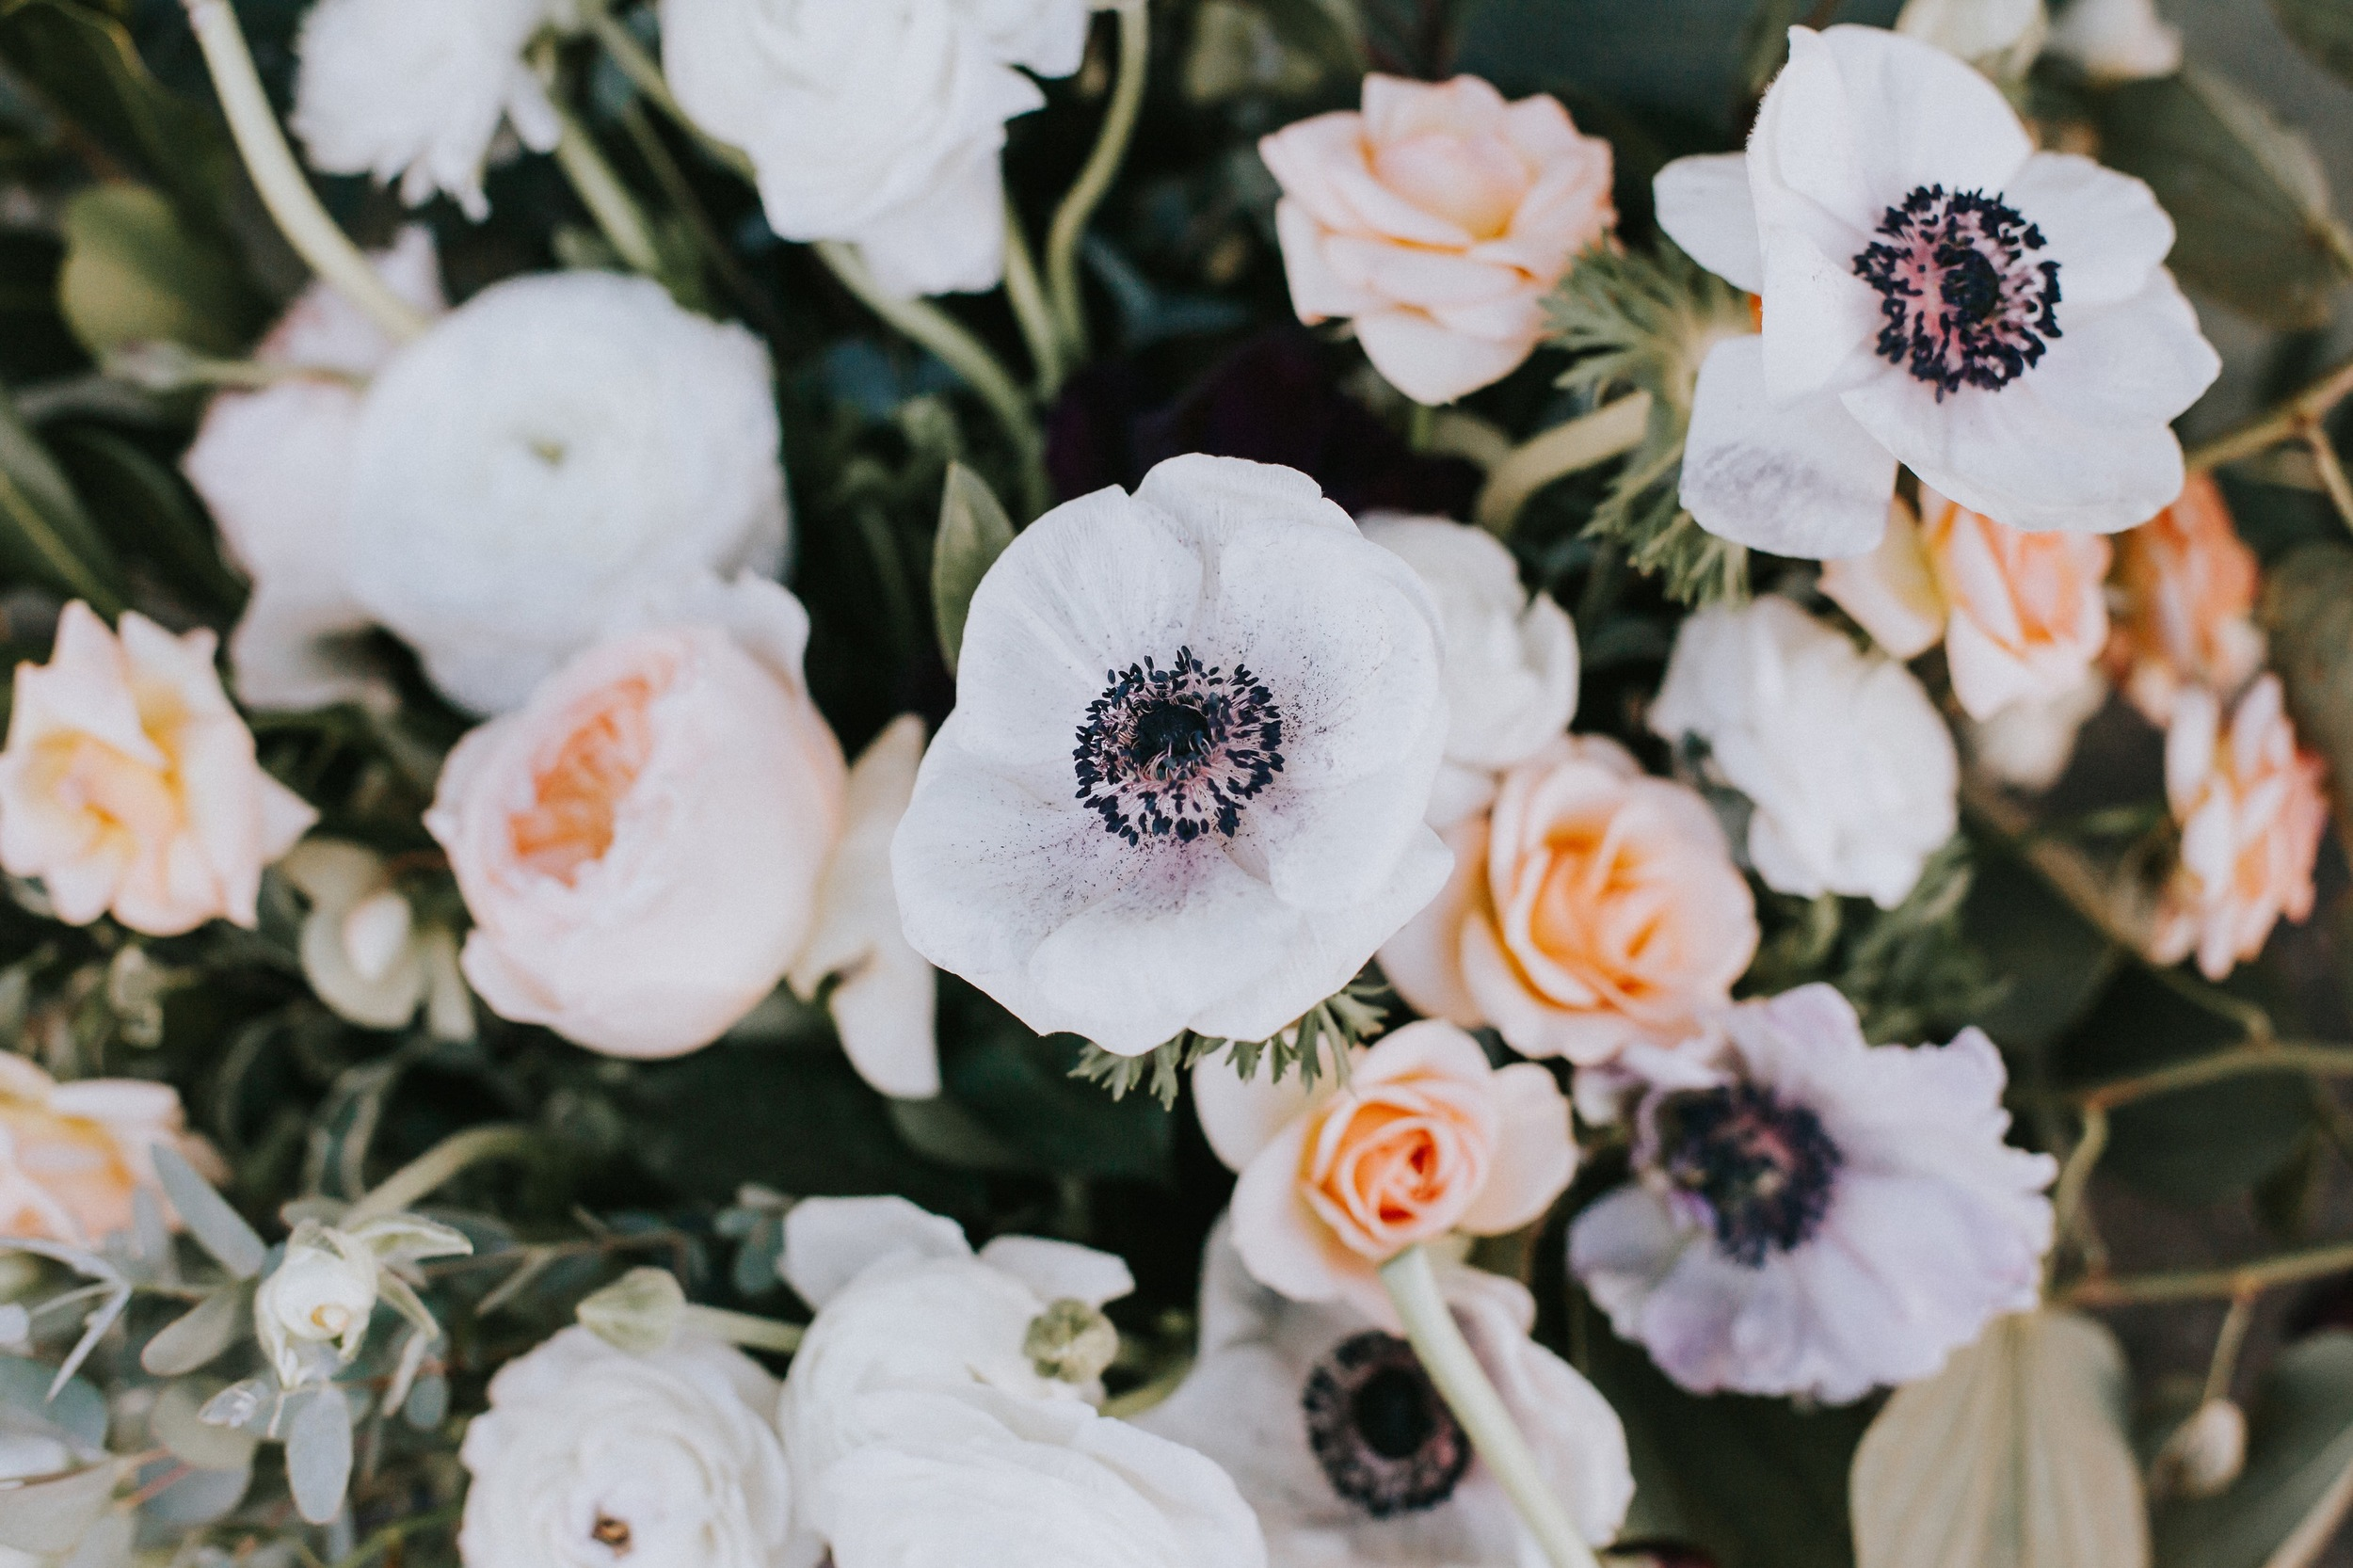 anemoneflower.jpg